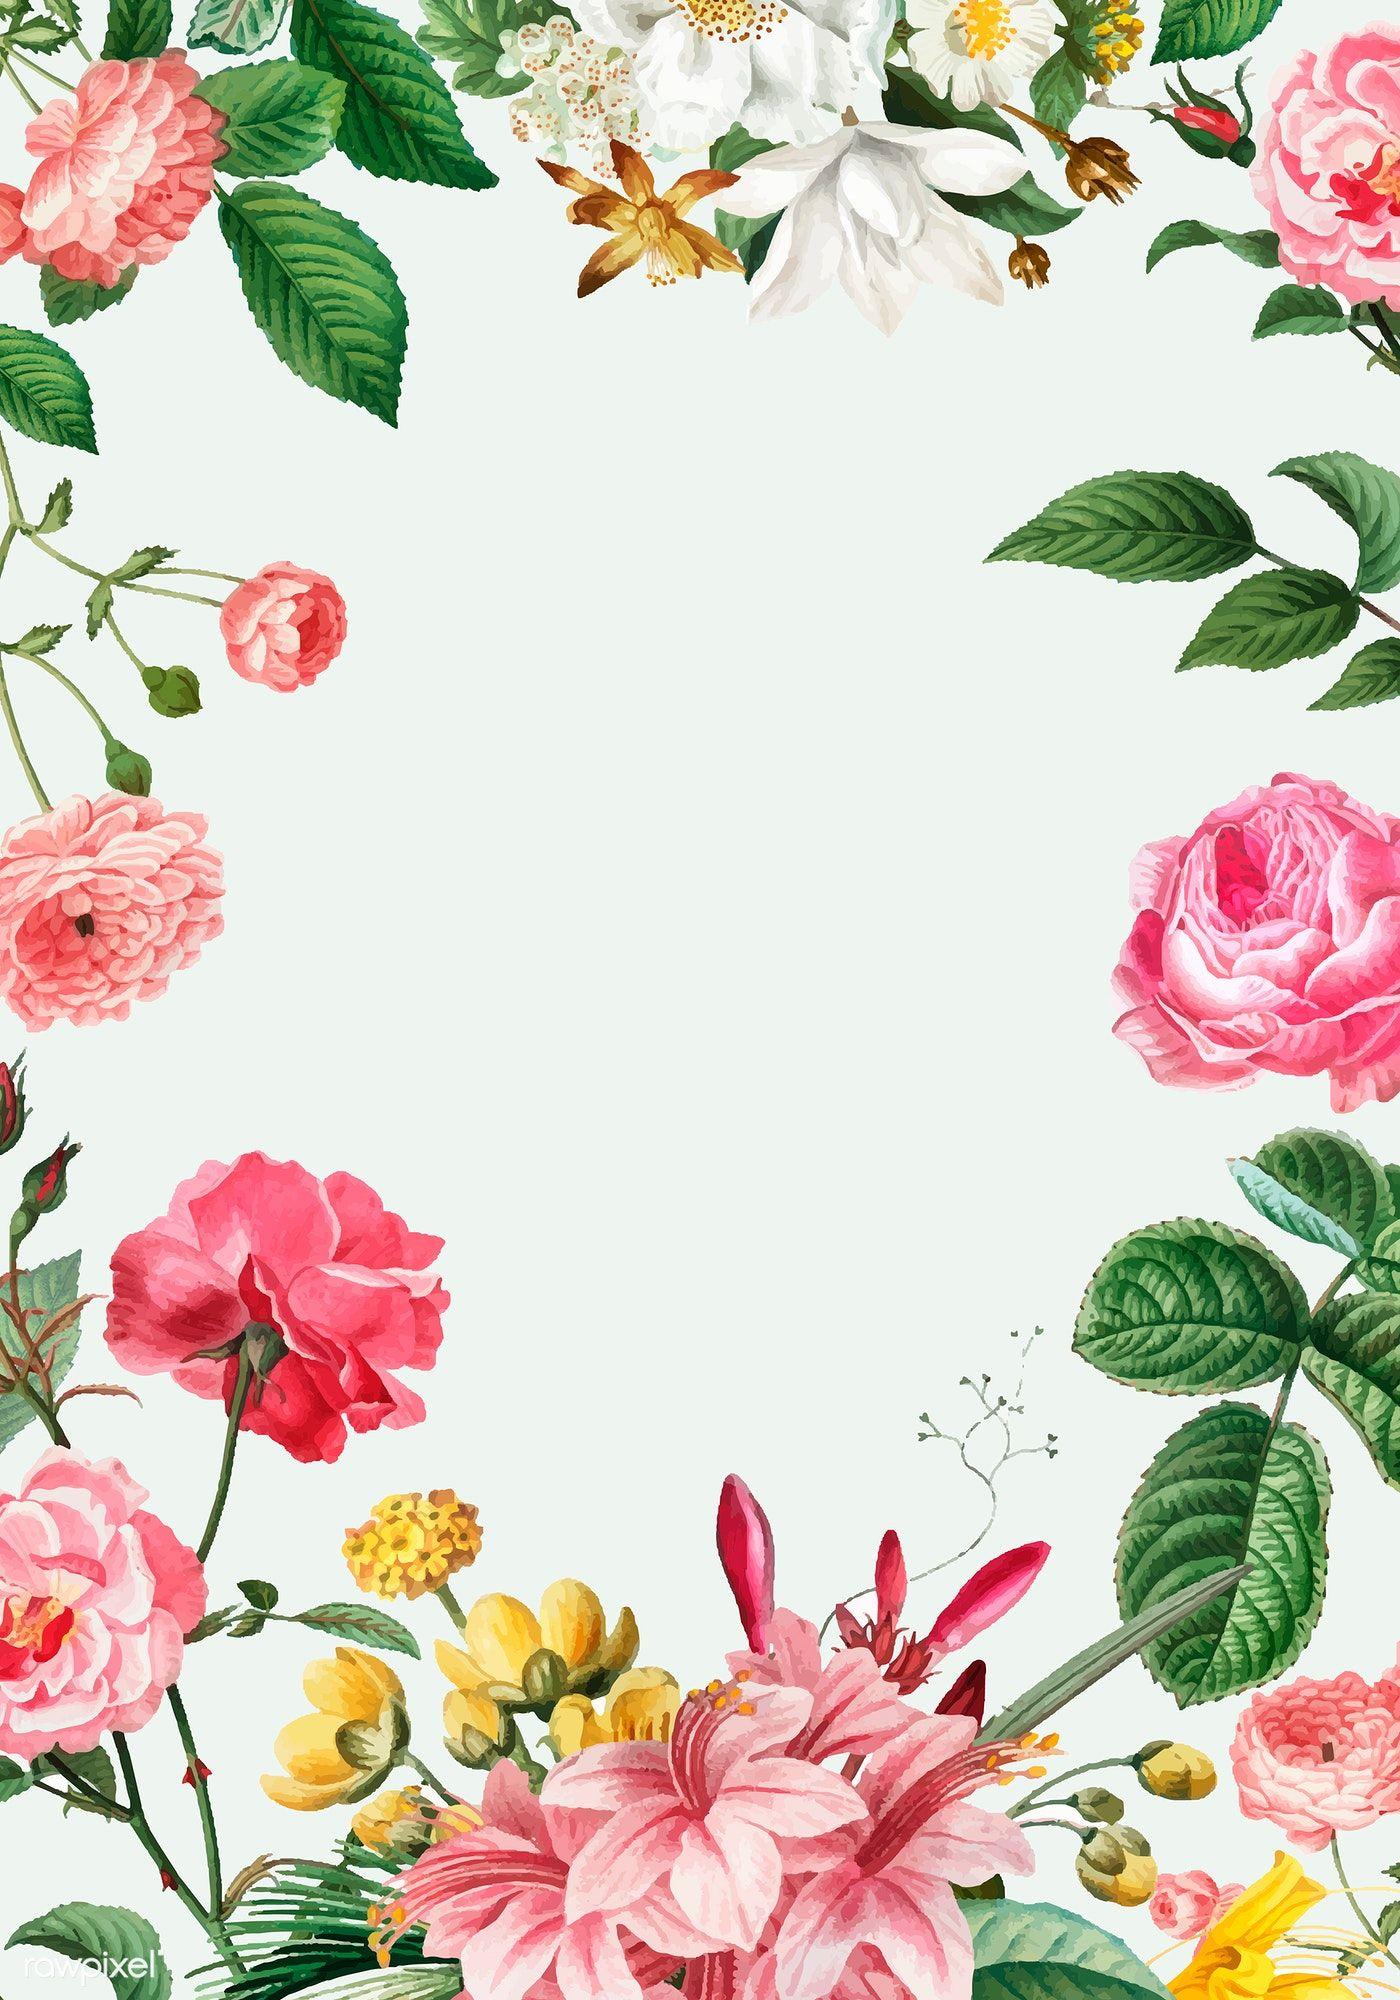 Vintage botanical frame design vector free image by